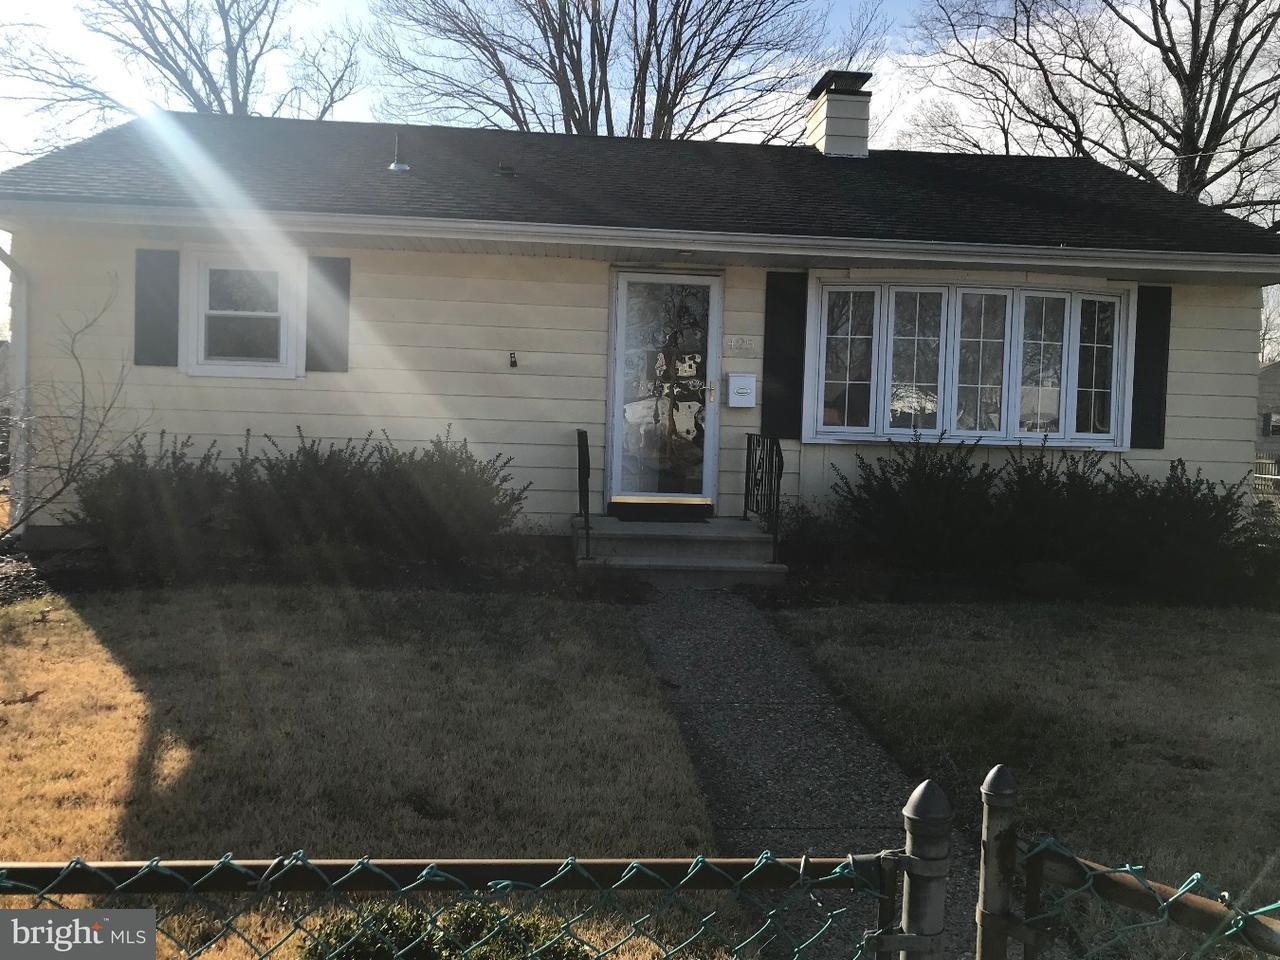 Частный односемейный дом для того Аренда на 425 WEST Avenue Delanco Township, Нью-Джерси 08075 Соединенные Штаты